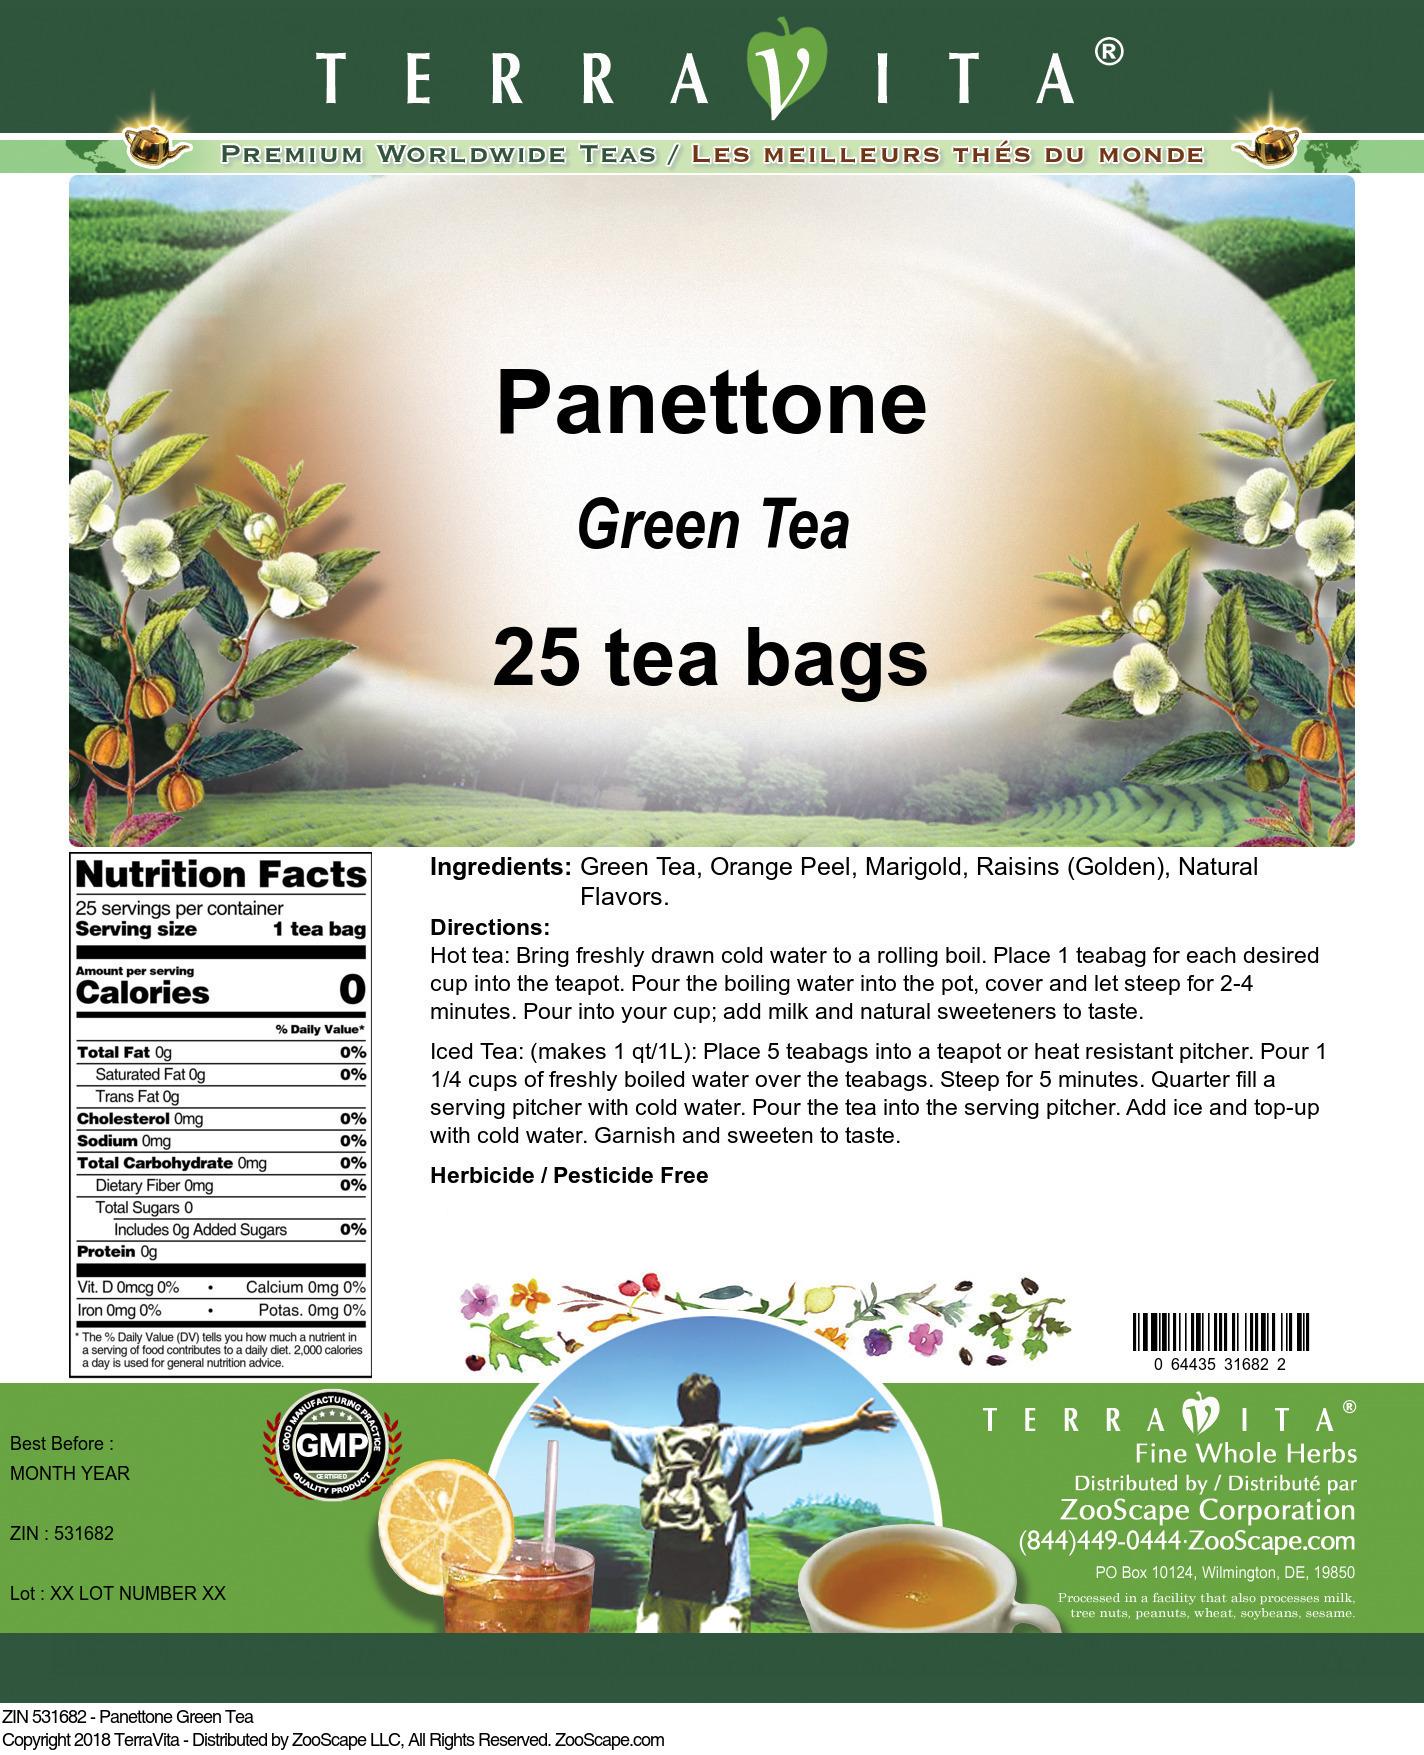 Panettone Green Tea